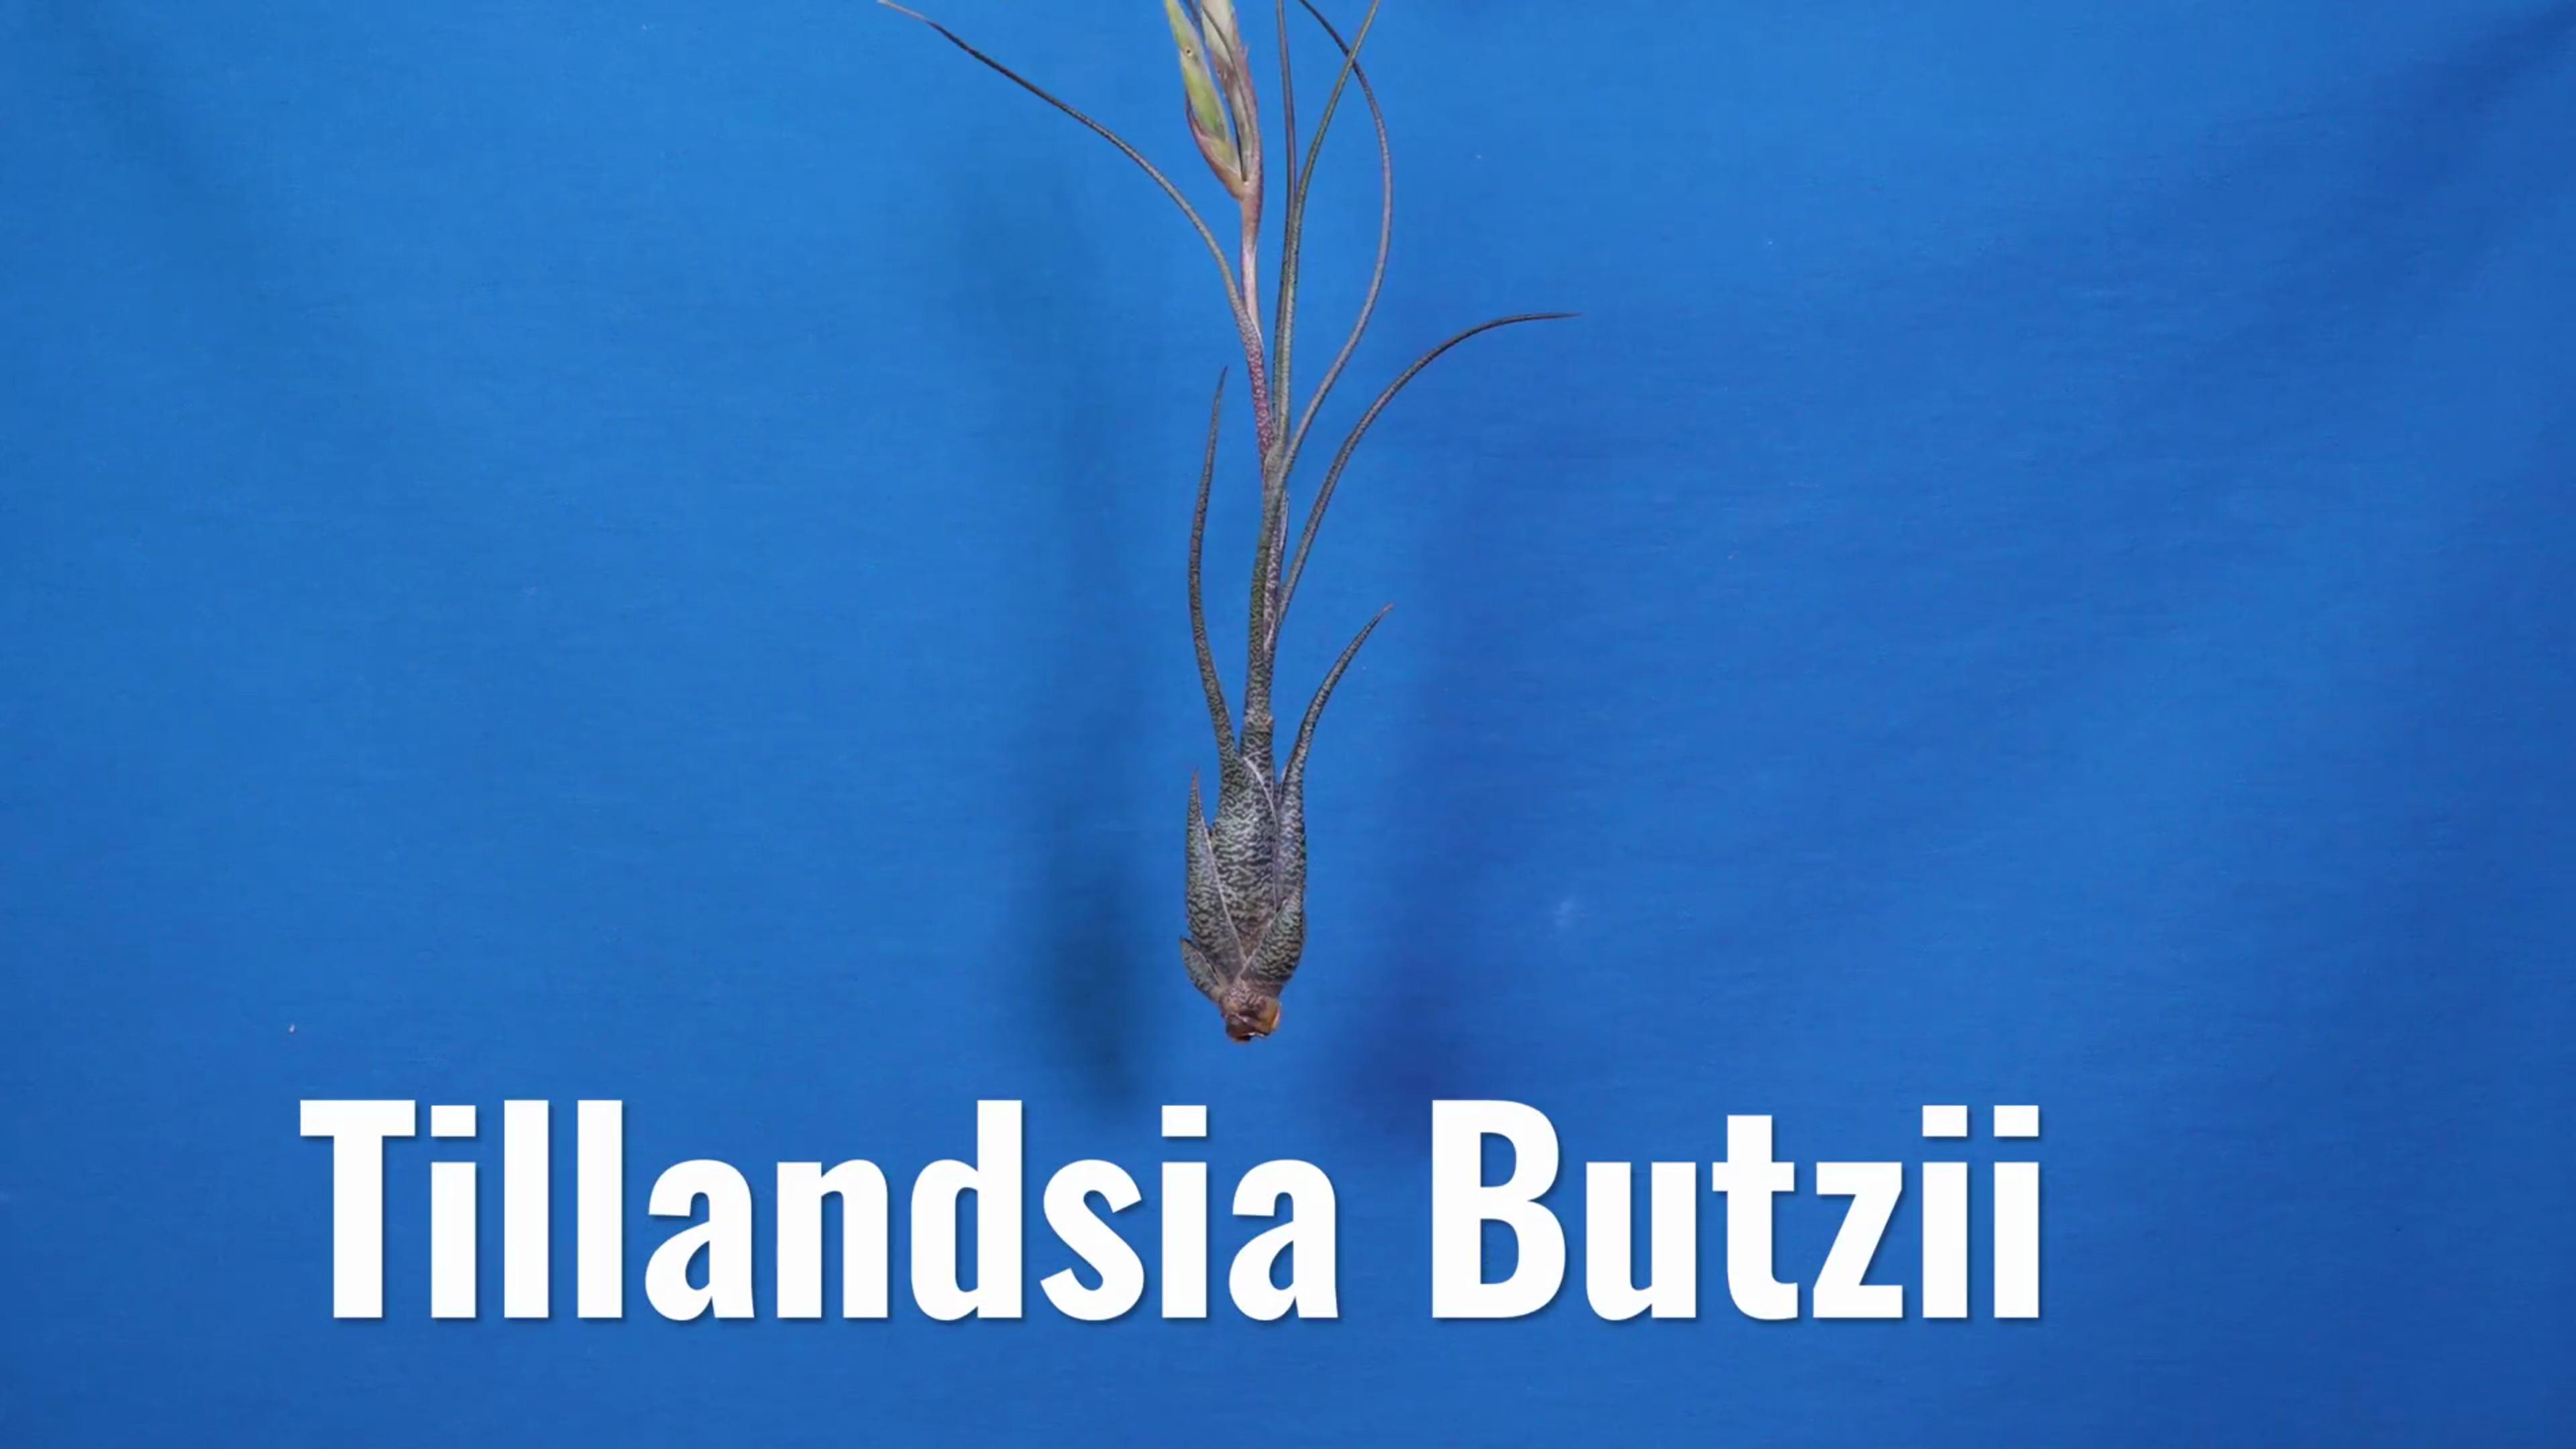 Picture of Tillandsia Plants